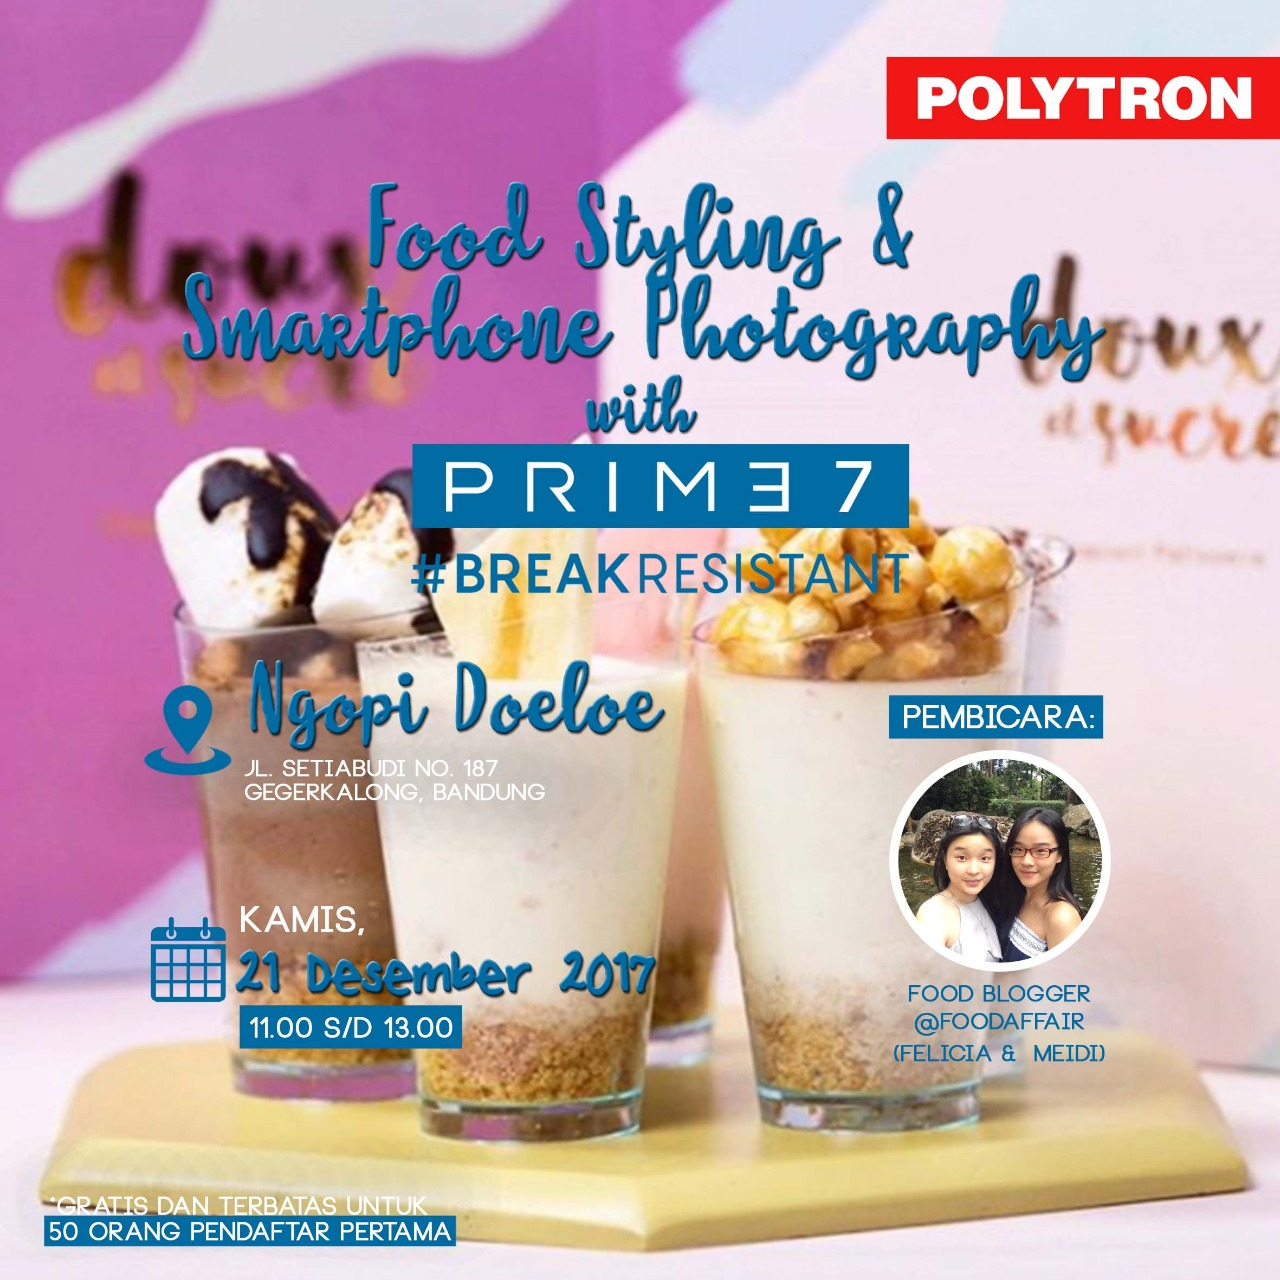 Tips Memotret Food Styling Dari Foodaffair, Dan Berkenalan Dengan Smartphone Photography PRIME 7